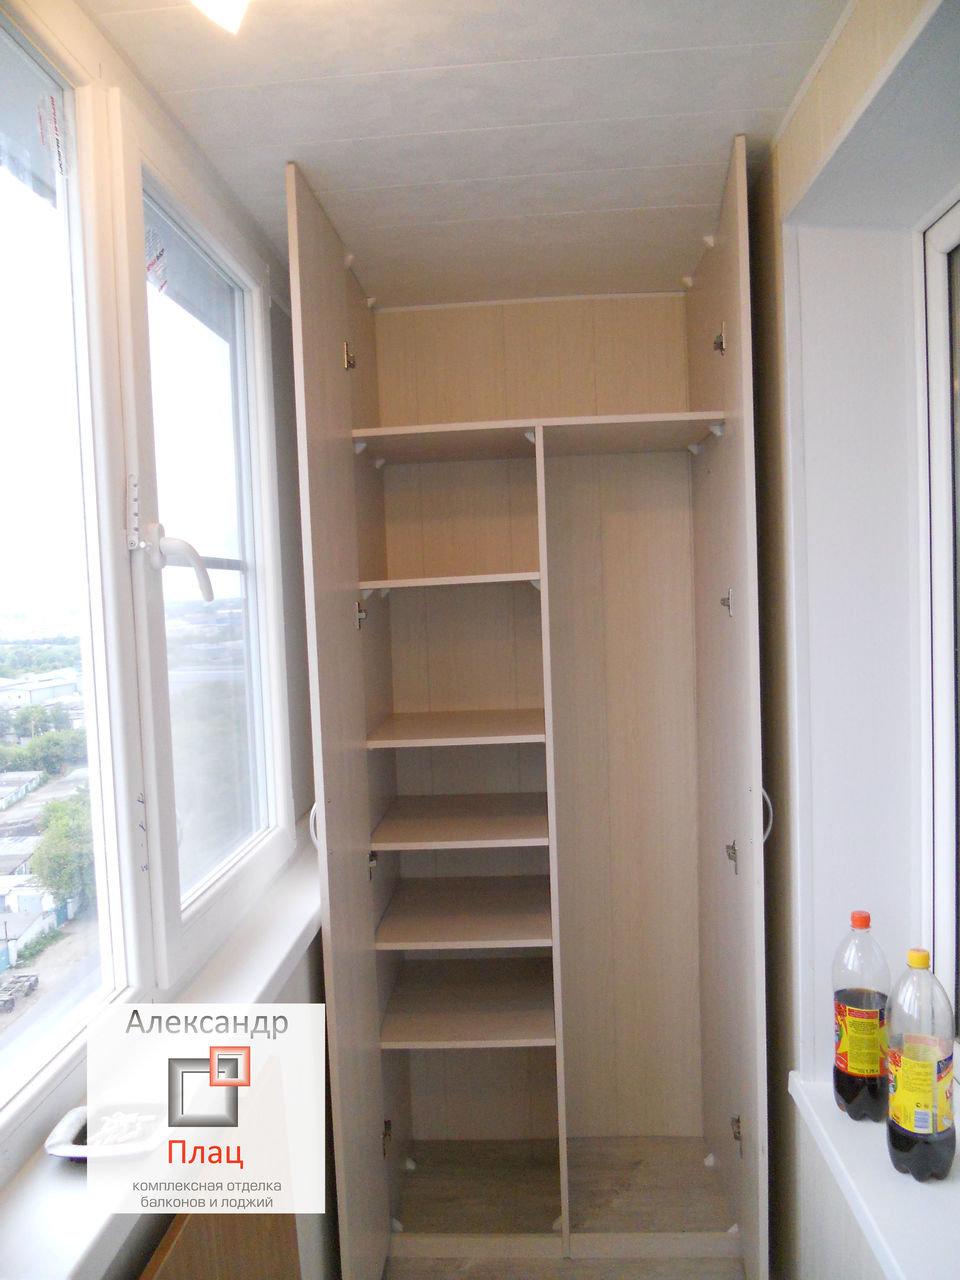 """Как сделать полки на балконе дешево и красиво видео"""" - карто."""